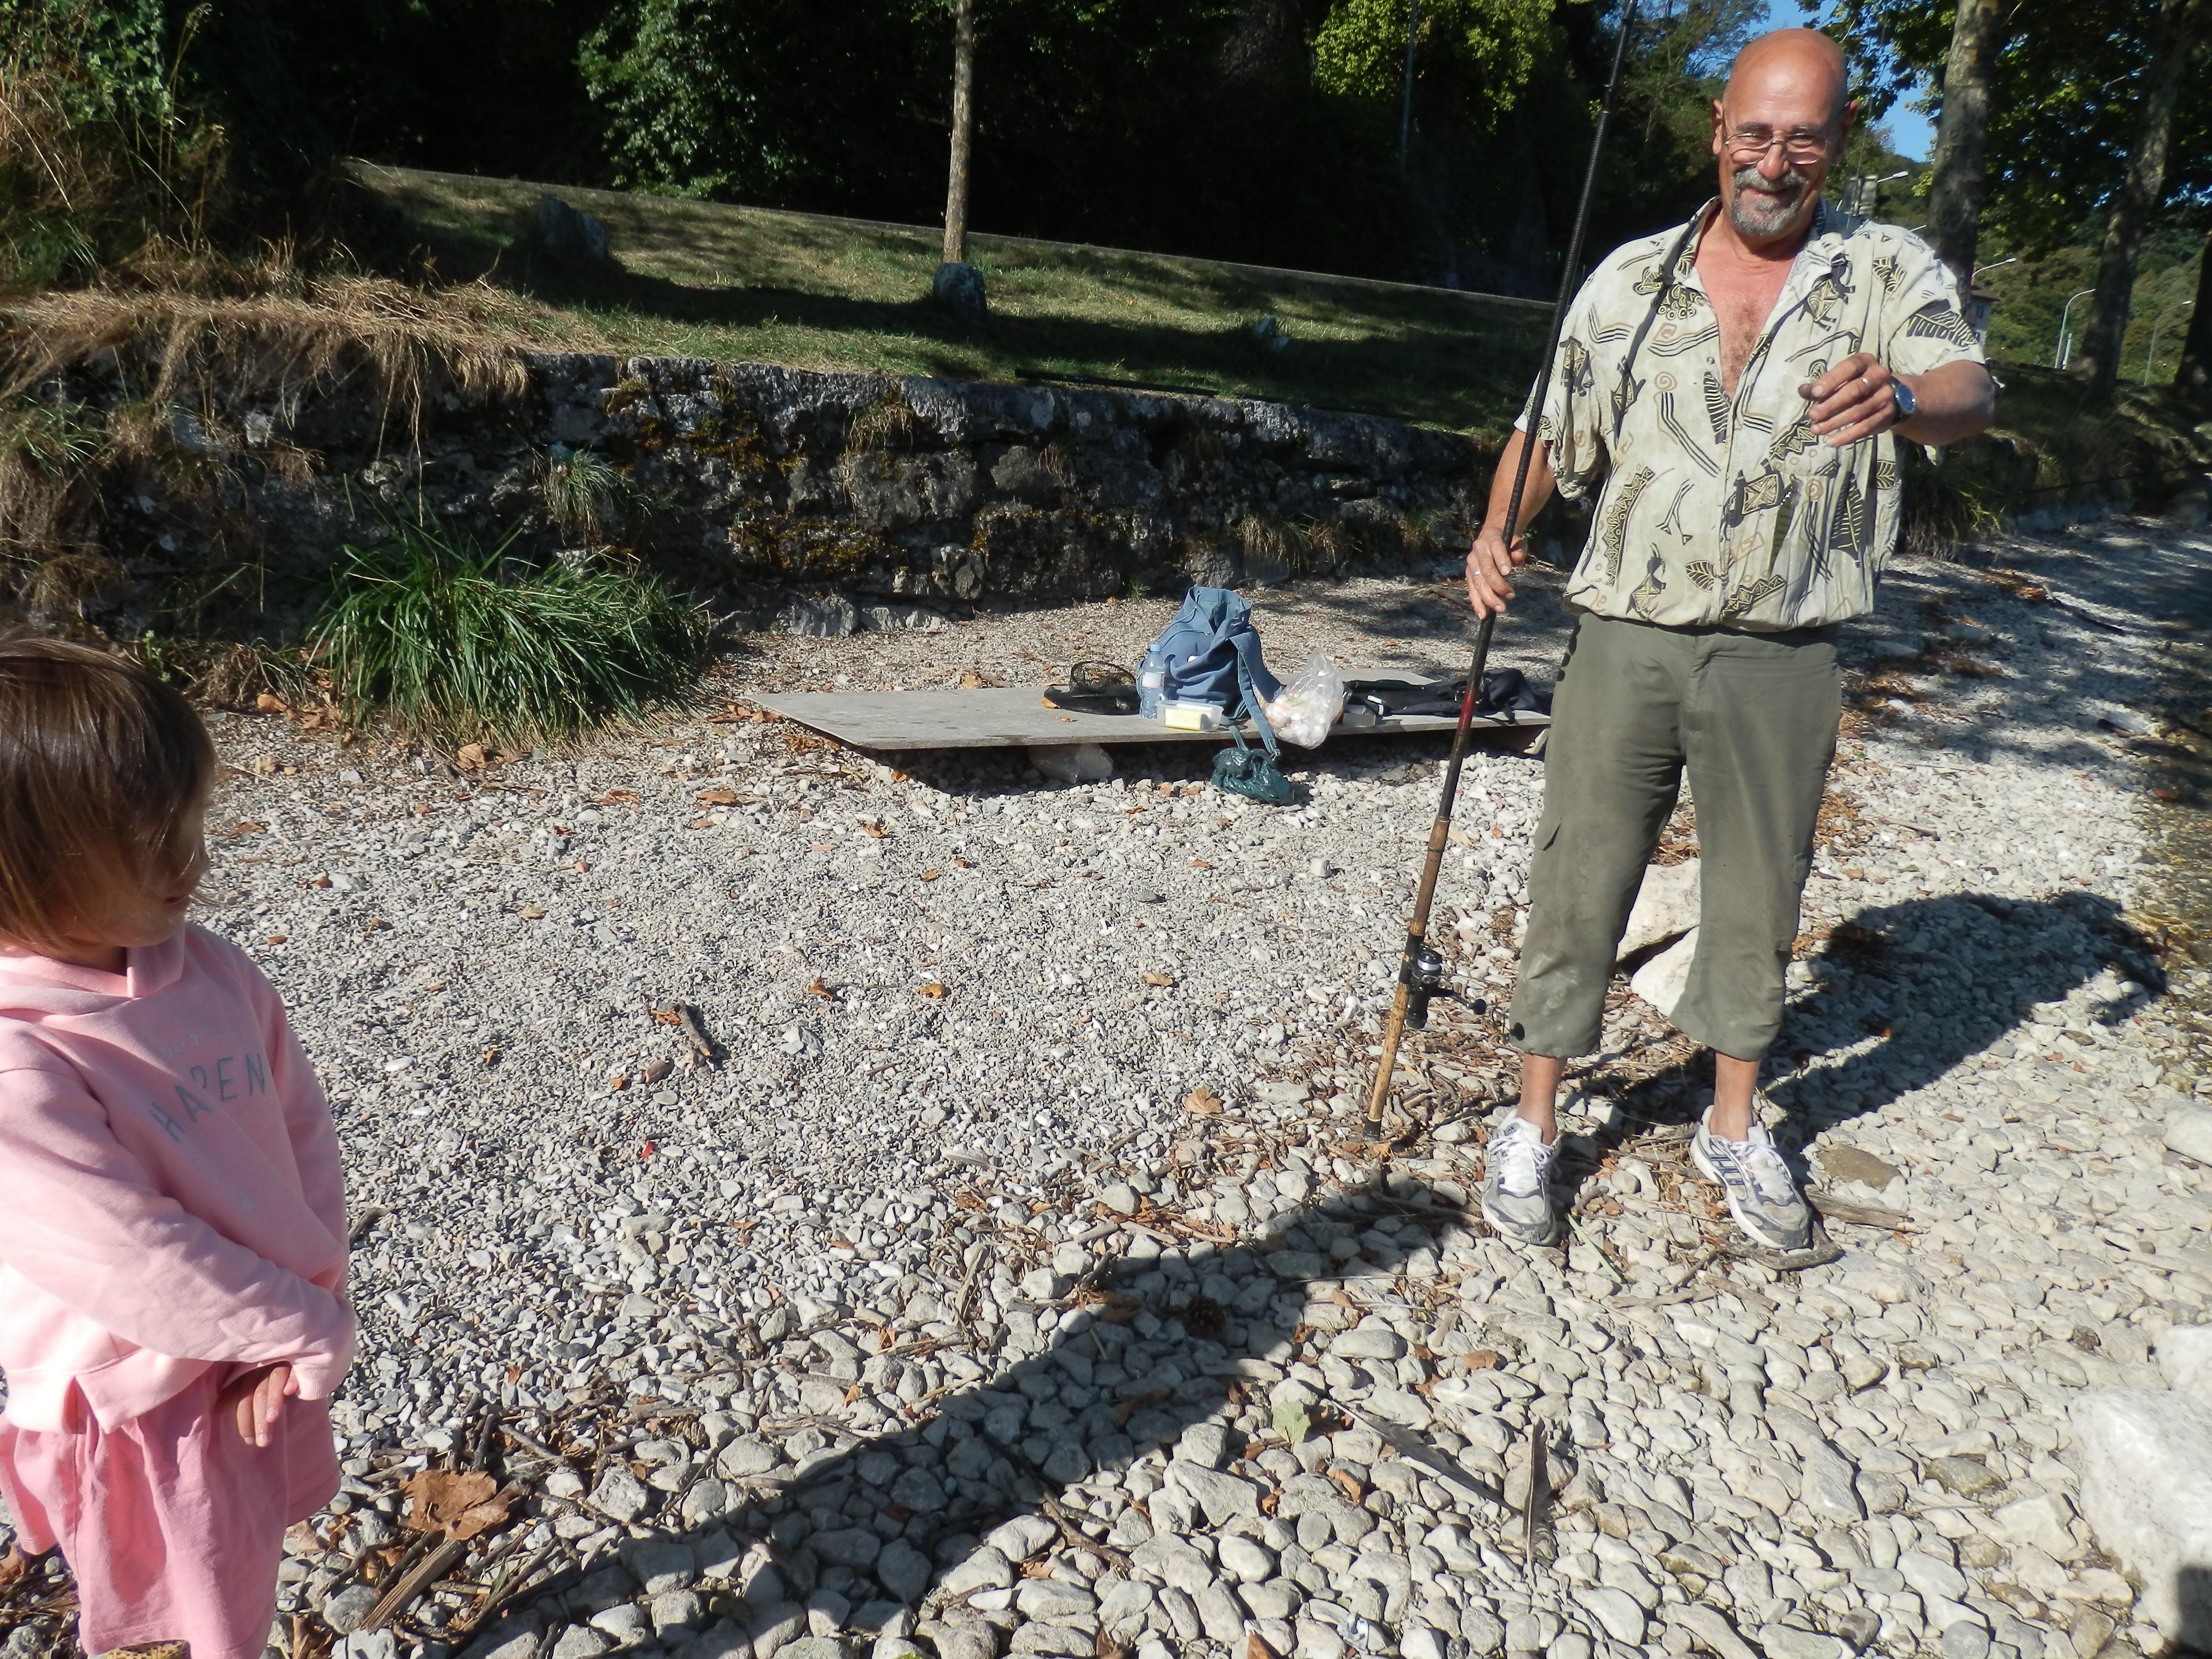 Câu cá bên hồ Annecy